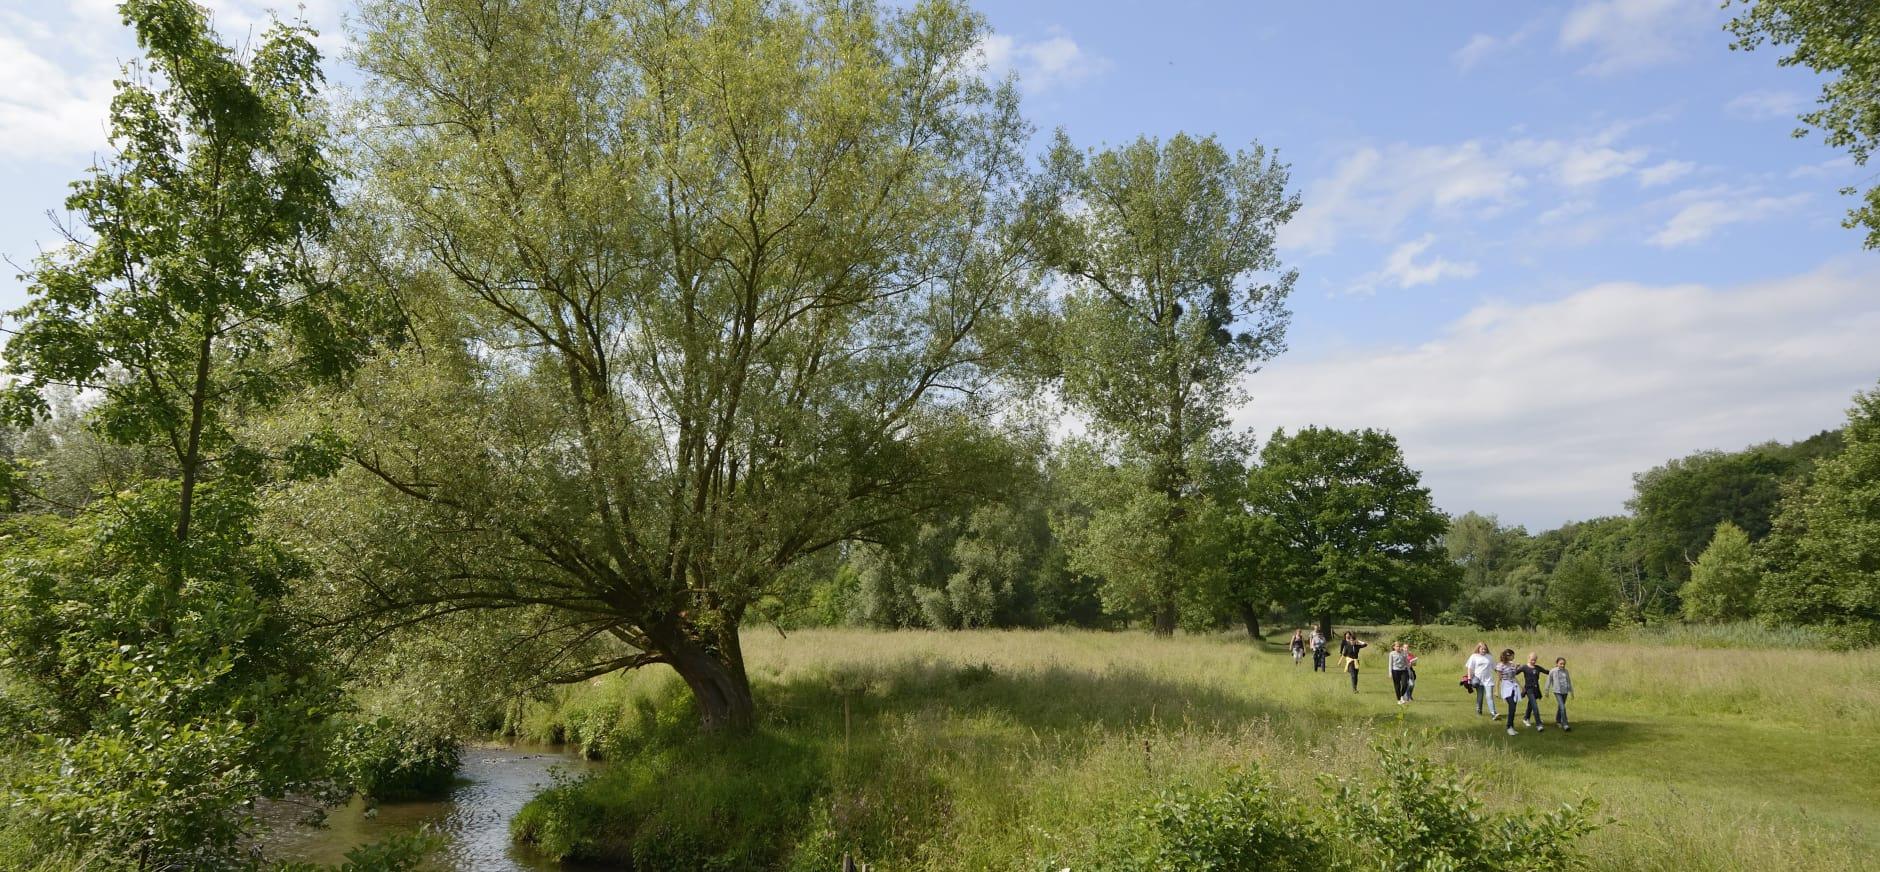 Wandelen langs rivier de Geul in het Geuldal Zuid-Limburg